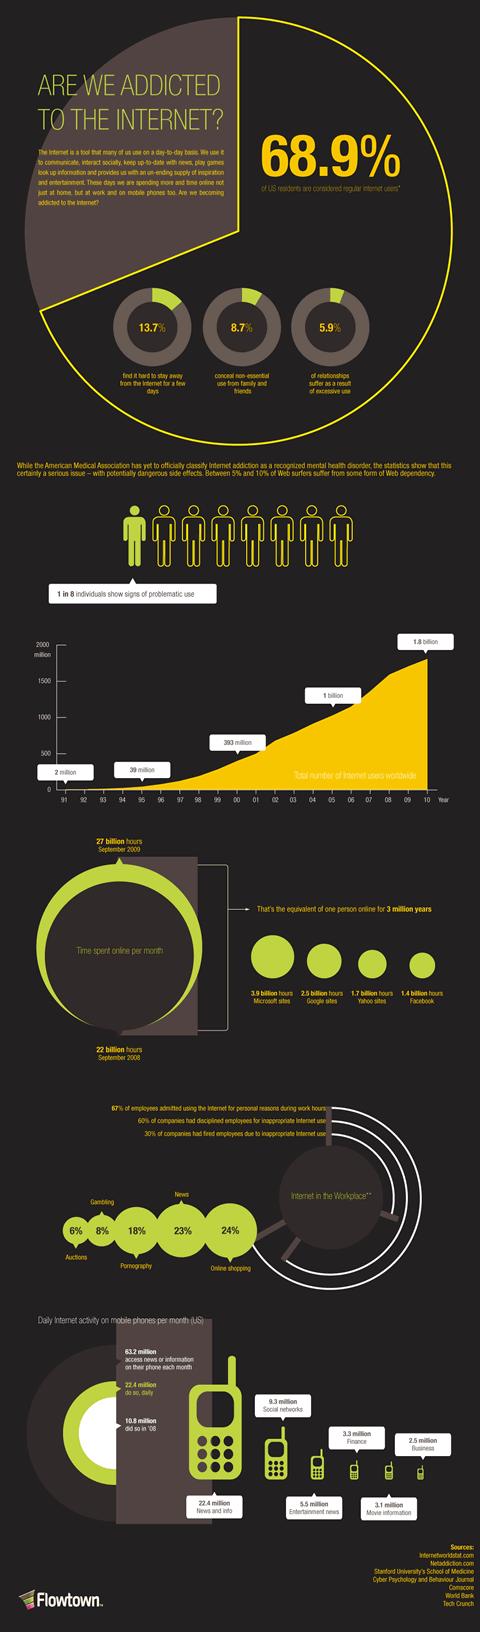 Somos adictos a internet? [Infografía] - adictos-internet